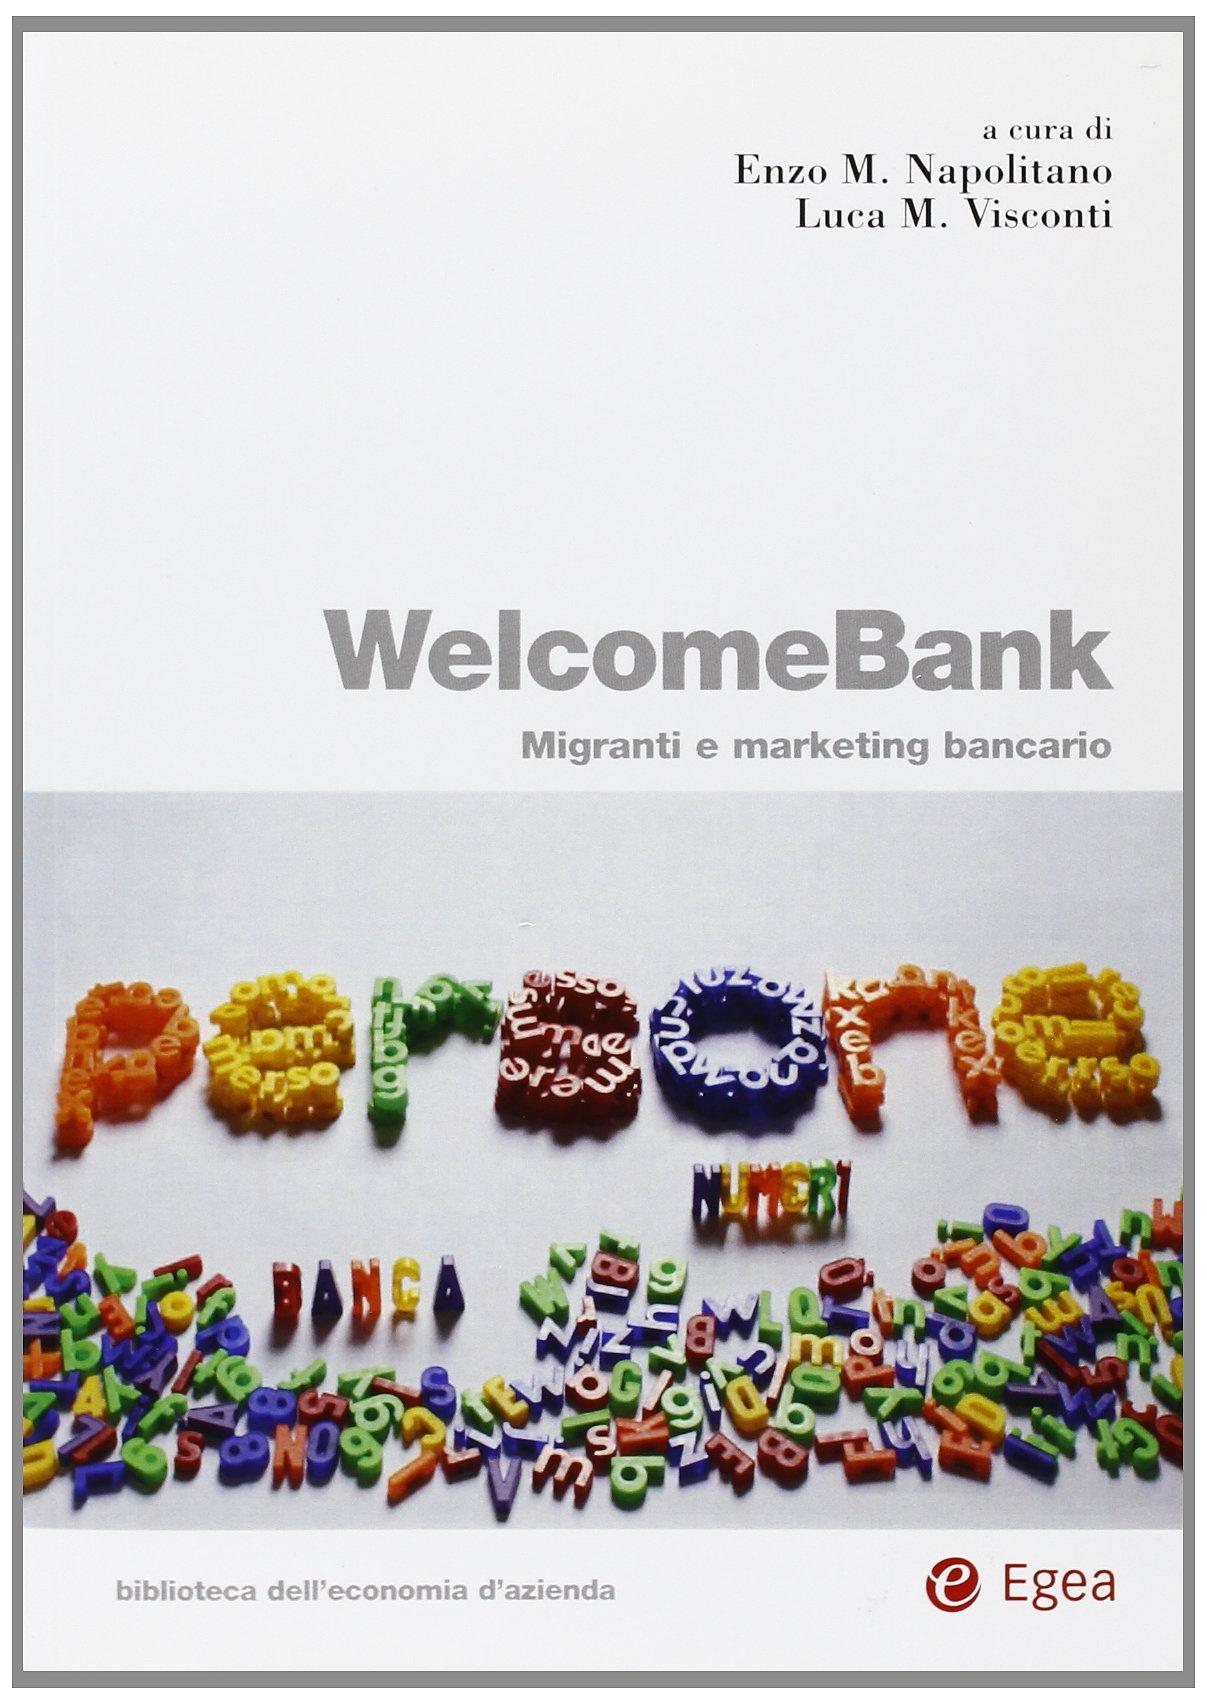 Welcomebank. Migranti e marketing bancario.